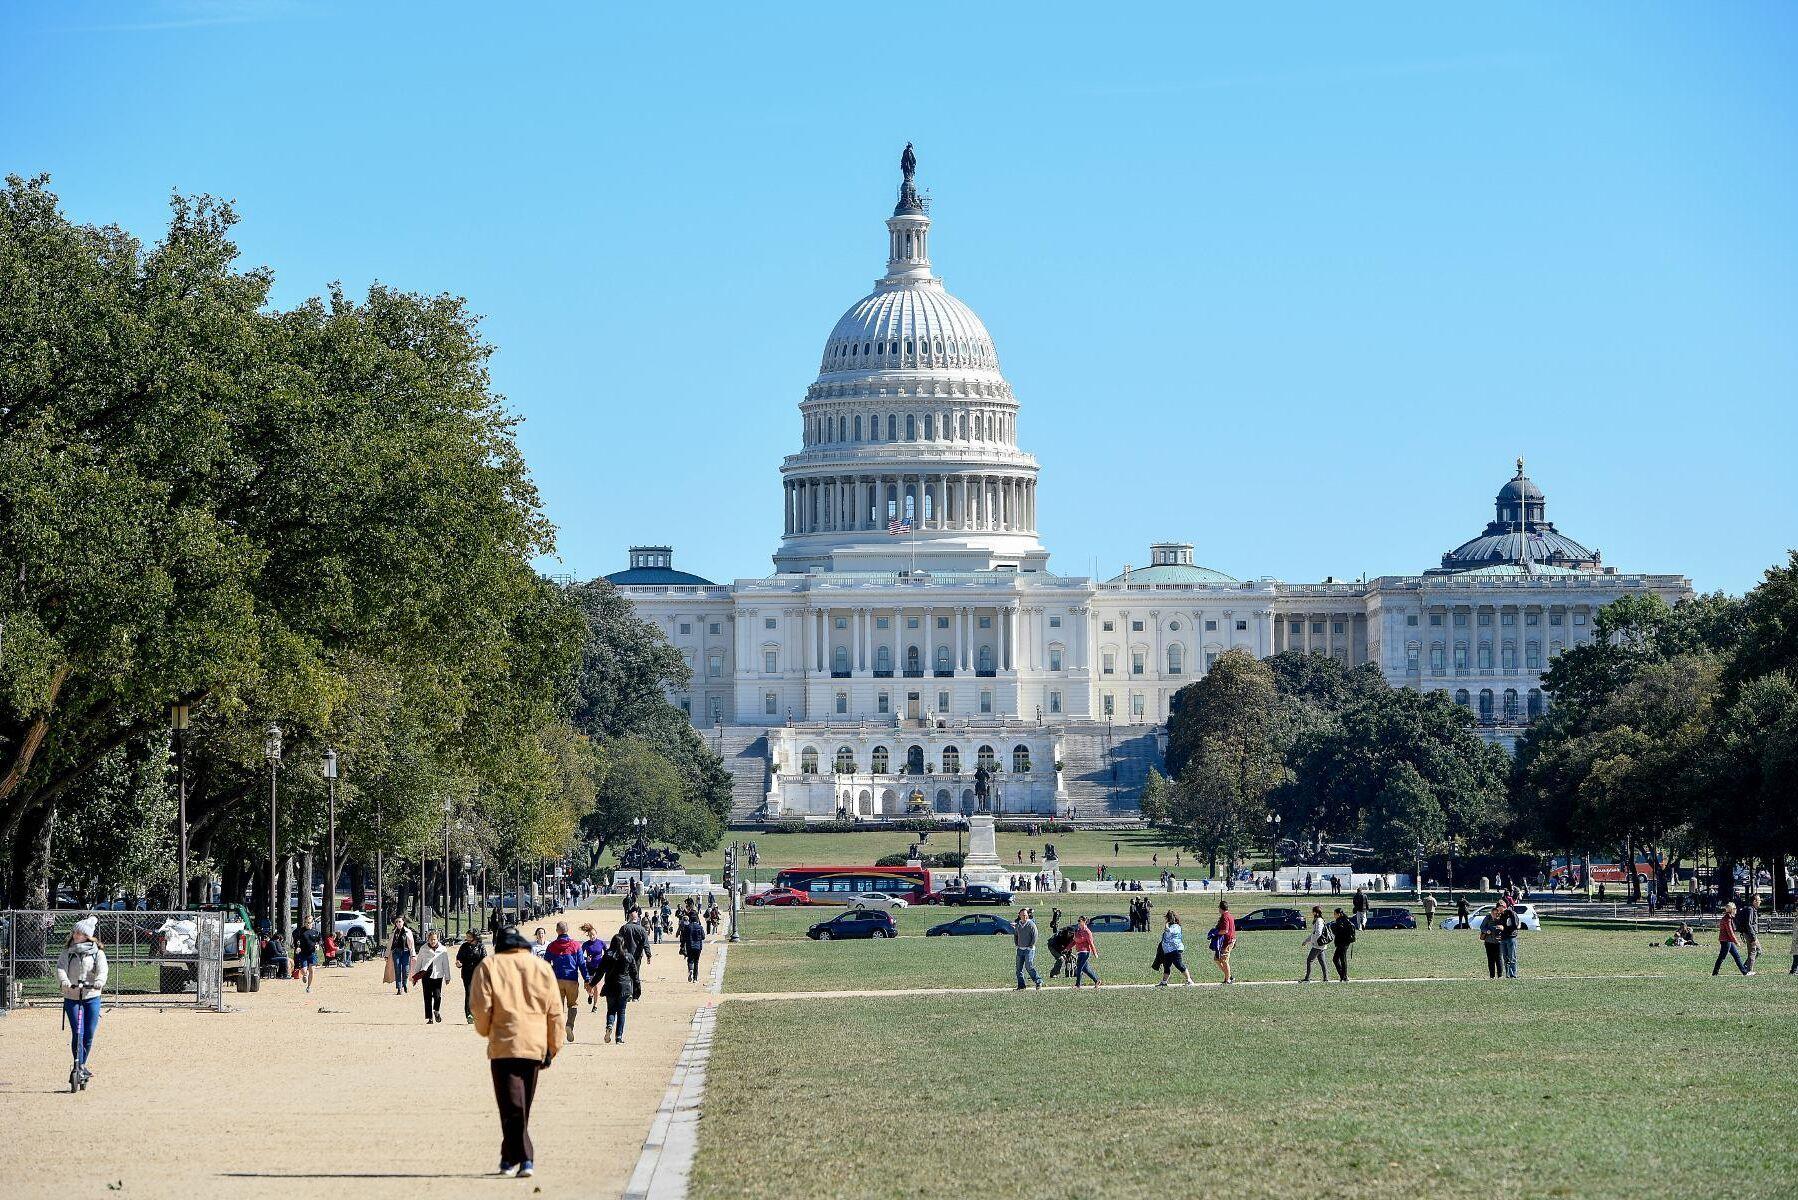 Representanthuset och Senaten, som tillsammans utgör Kongressen, håller till på Capitolium i Washington D.C.